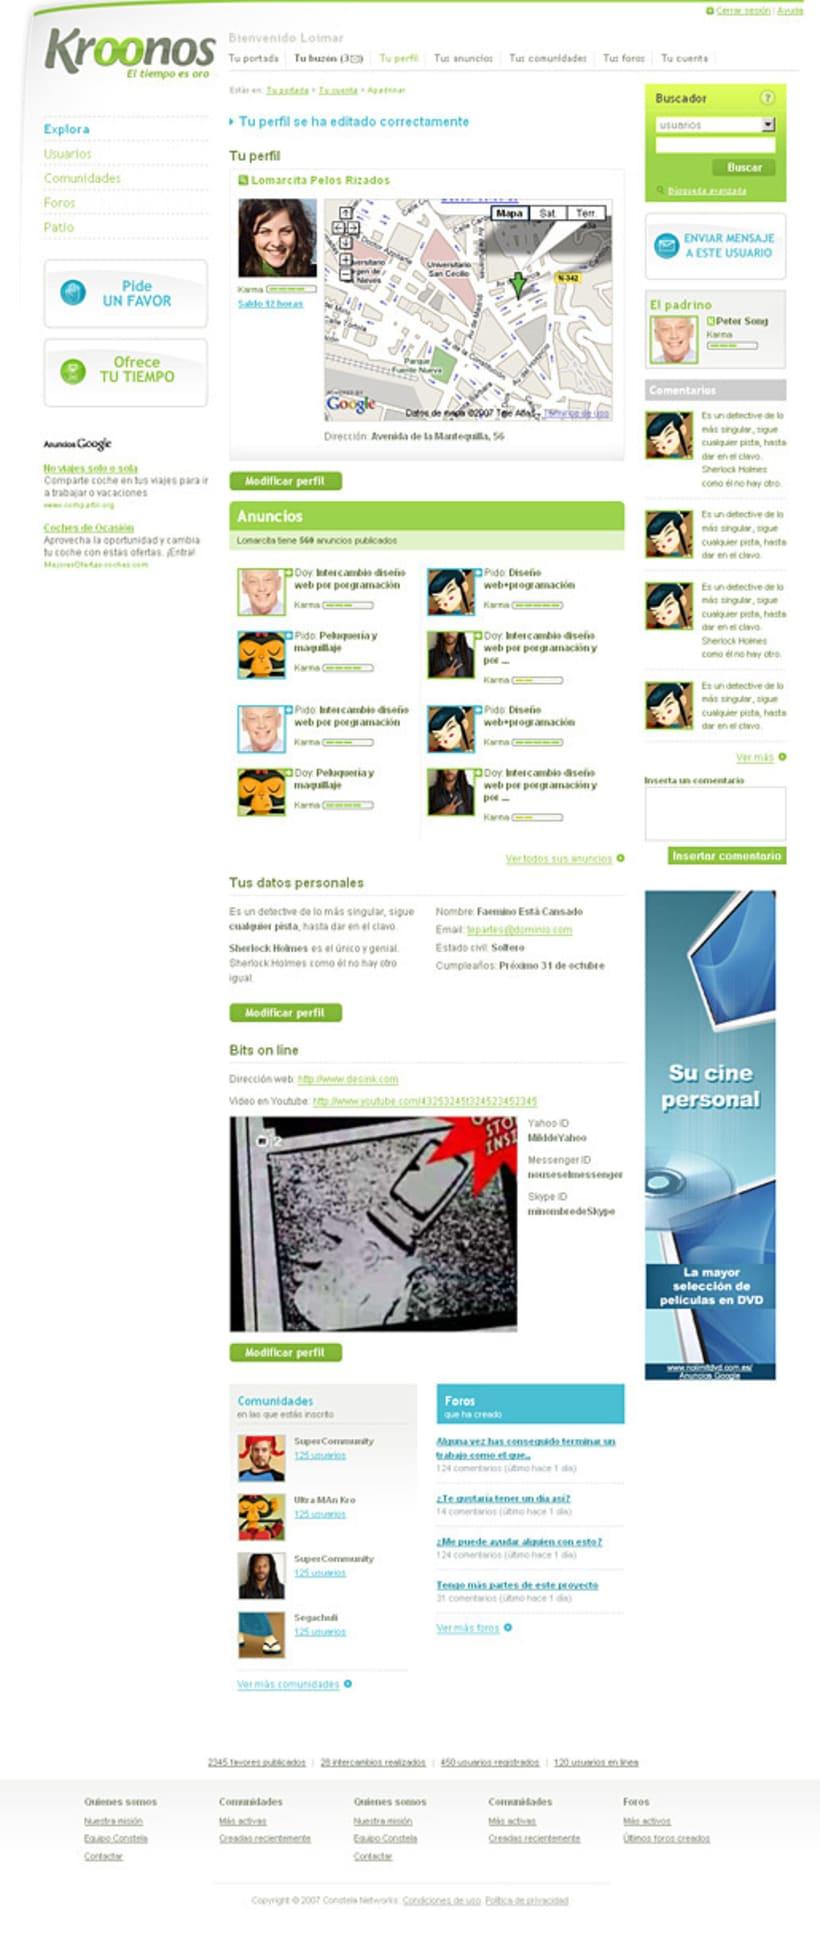 Diseño Web 2.0 + Maquetación XHTML+CSS 2